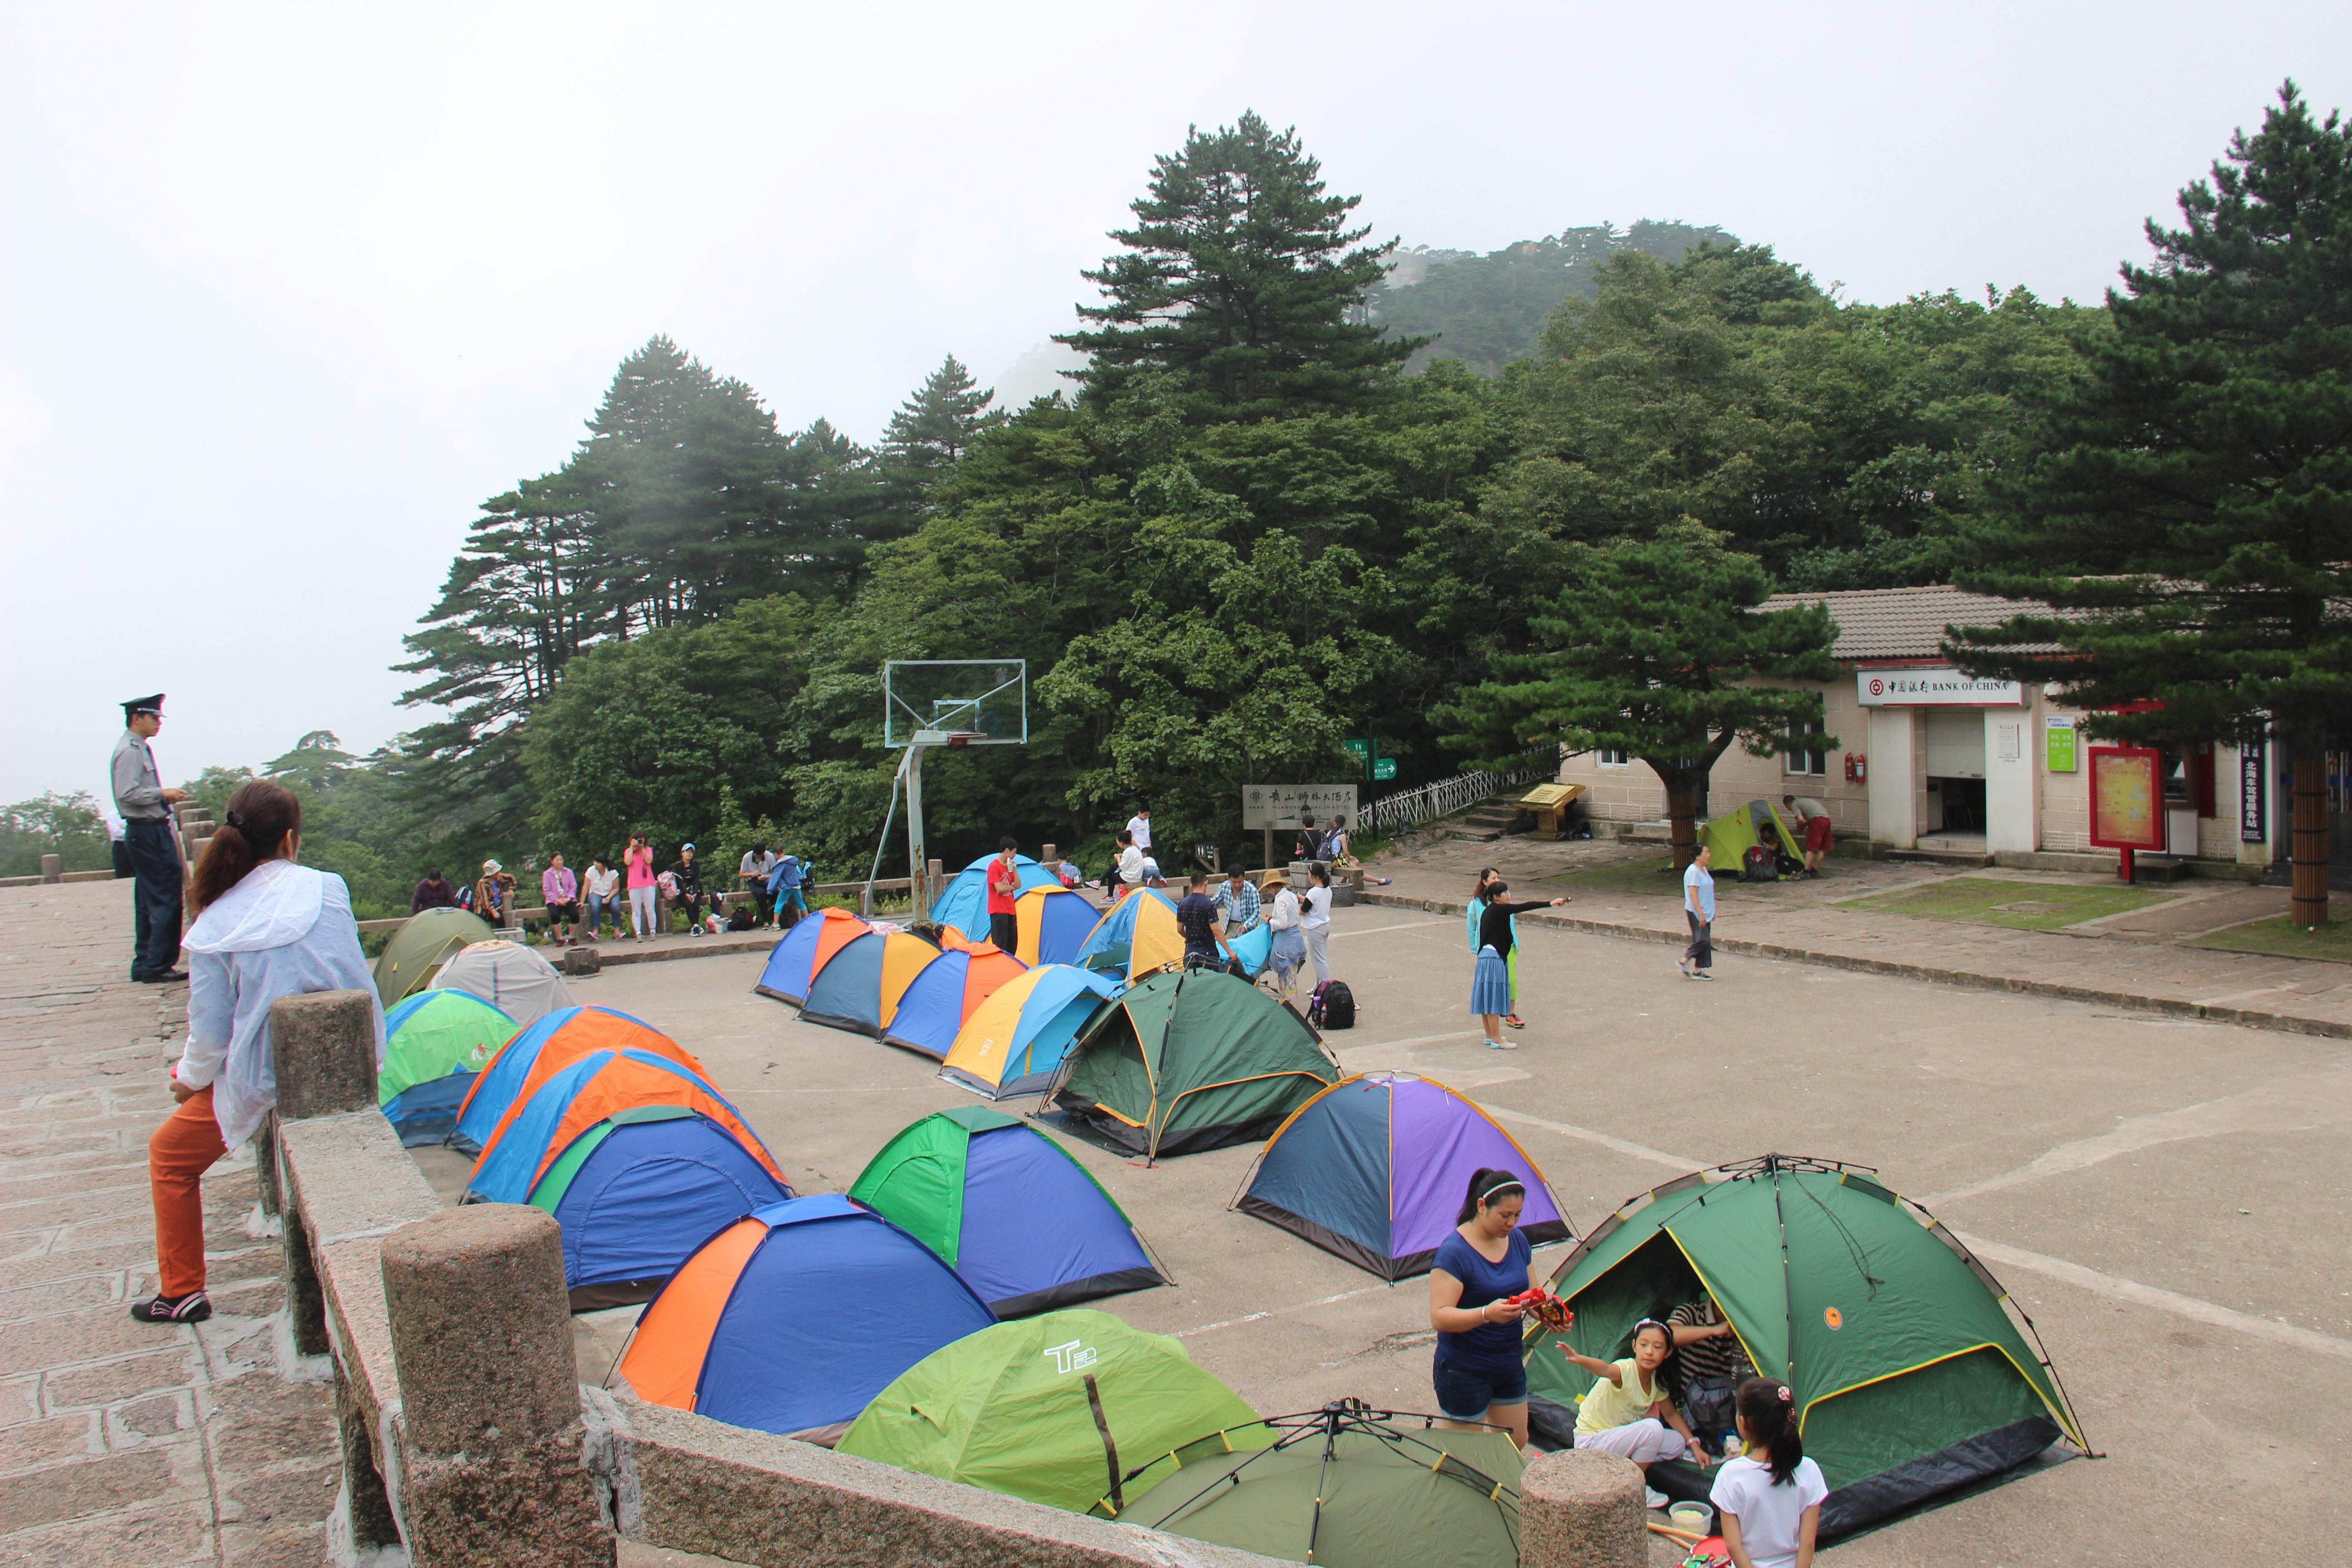 床单都是三天一换,但至少有热水有床睡,知足吧,好多人在宾馆外搭帐篷